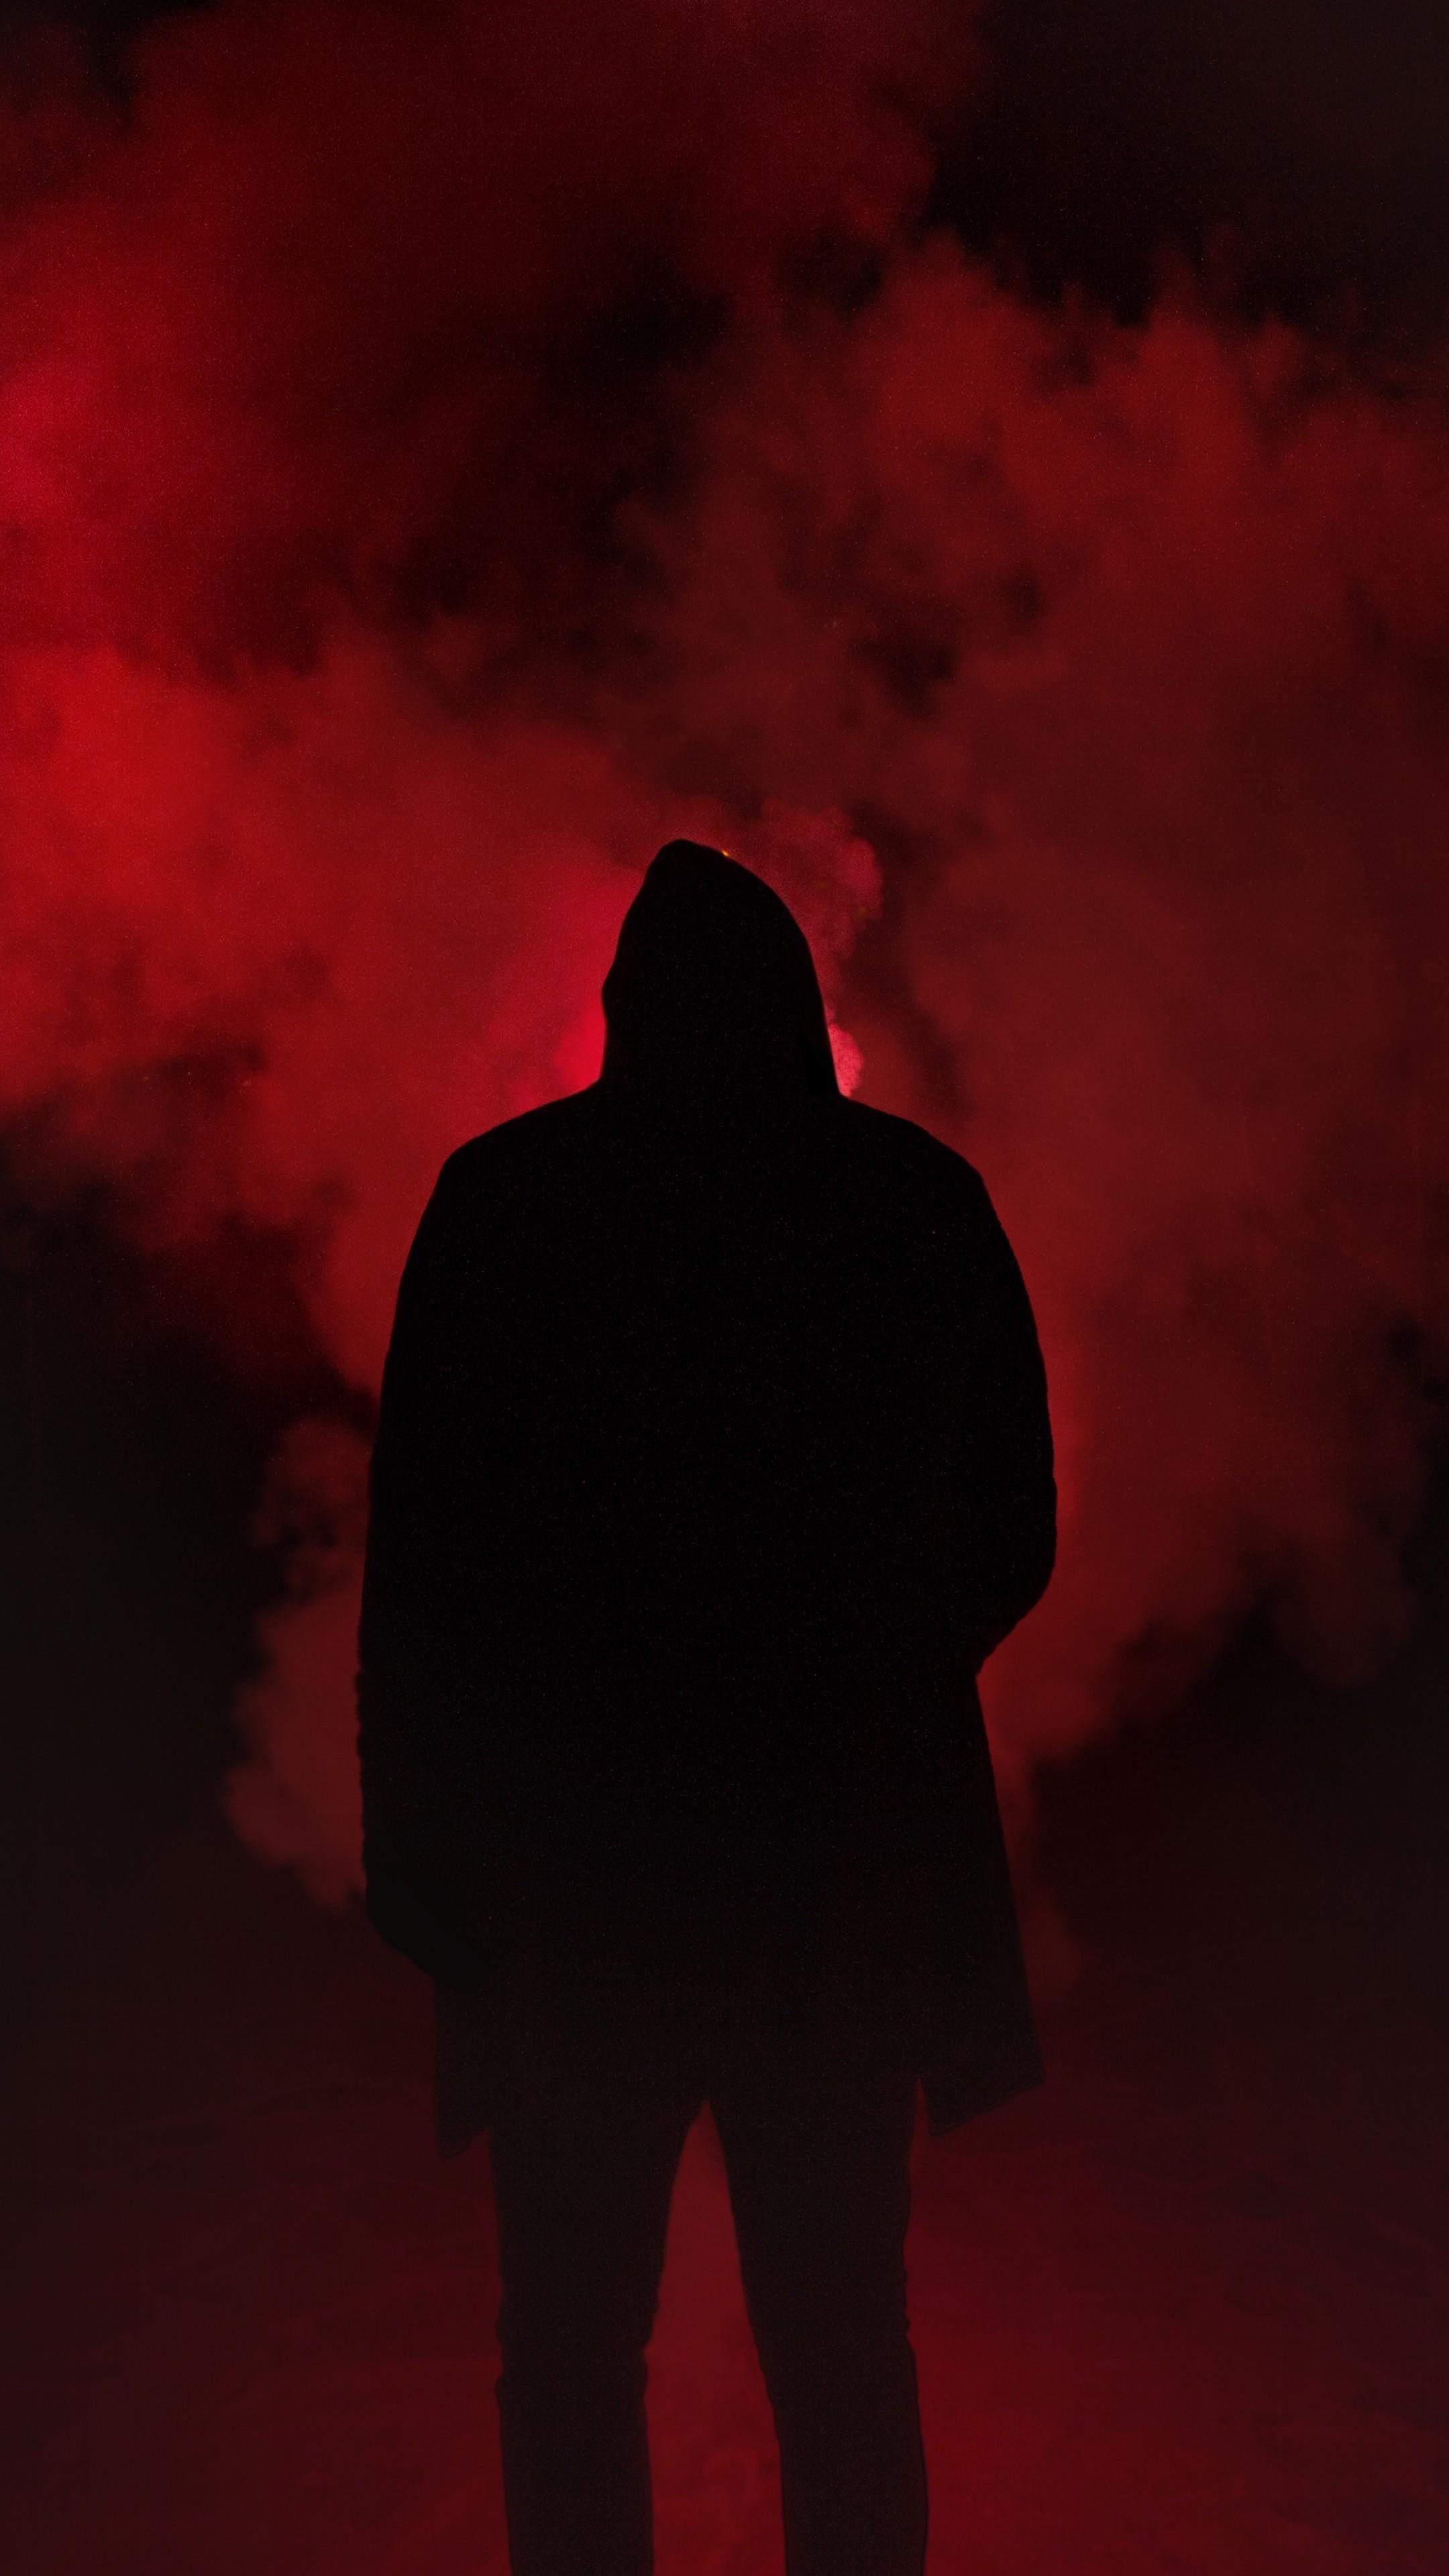 Silhouette smoke man hood wallpaper 2160x3840 - Man wallpaper ...